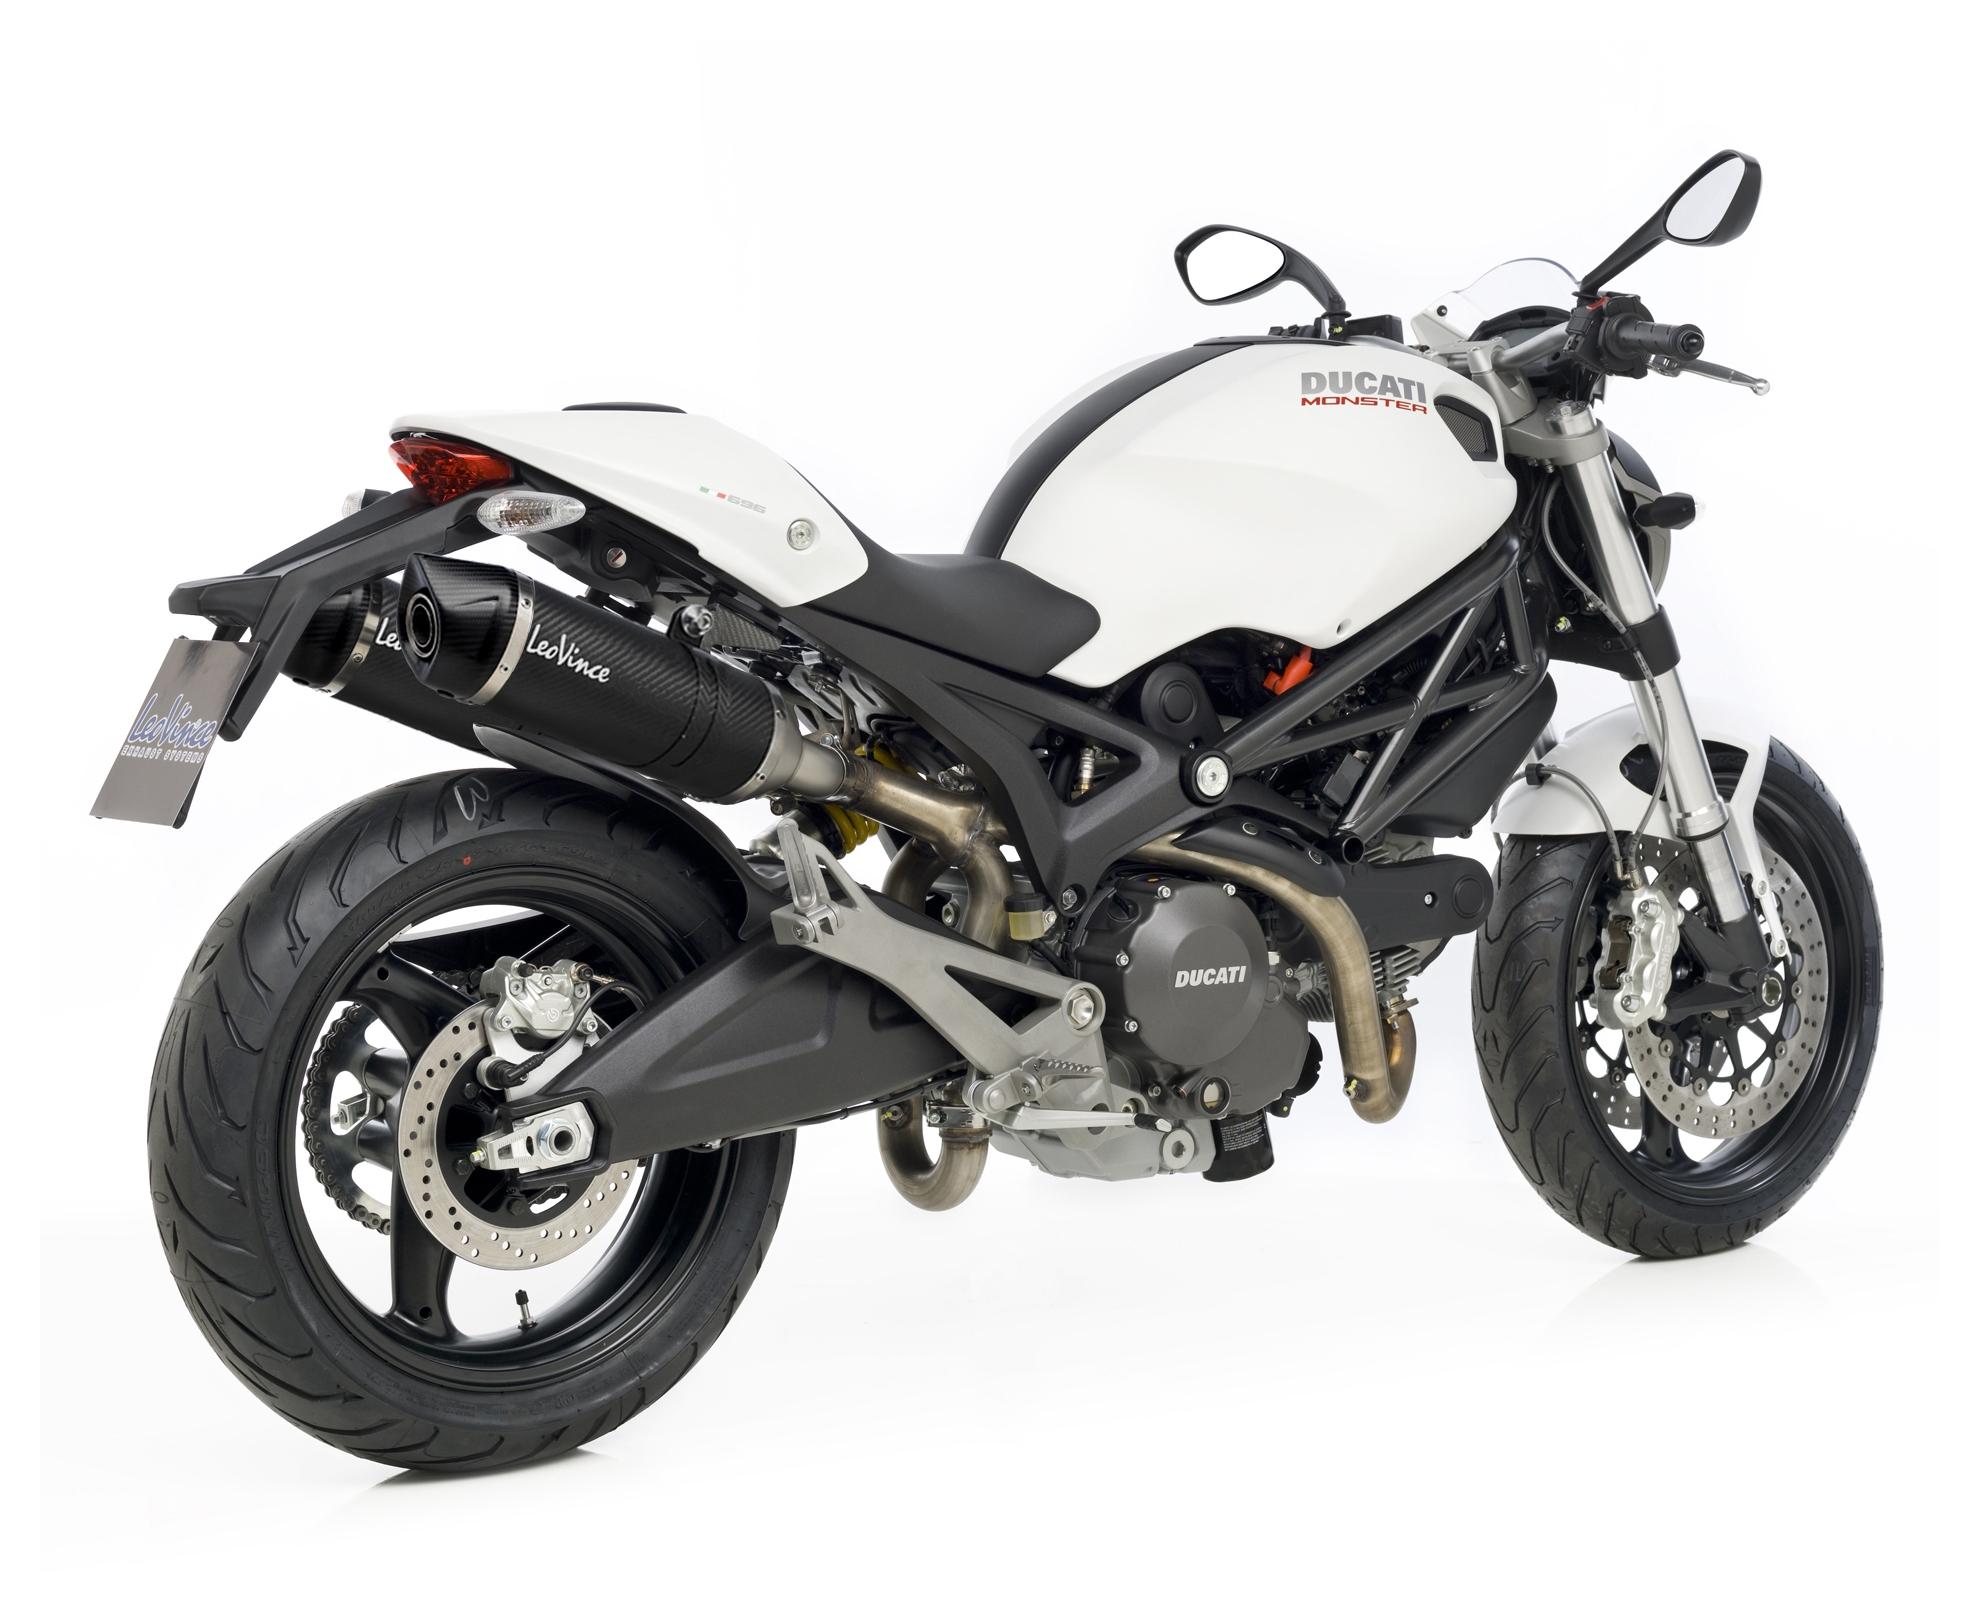 Leovince Lv One Evo Slip On Exhaust Ducati Monster 696 796 1100 Hypermotard Engine Diagram Valve S Revzilla